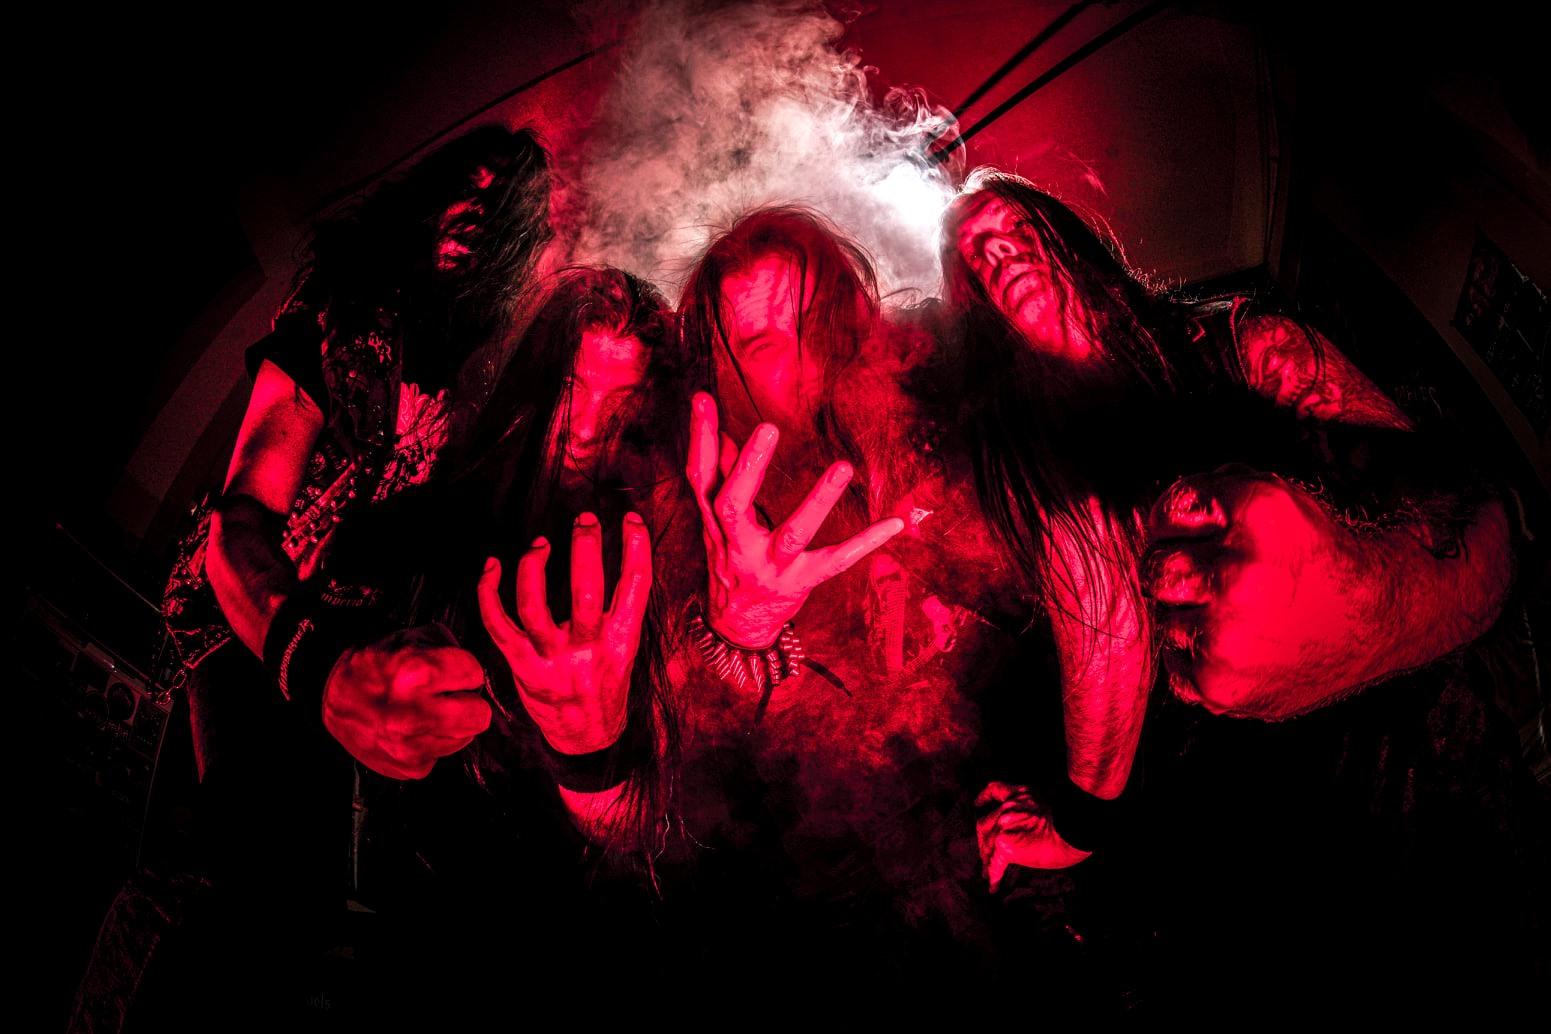 sodom band